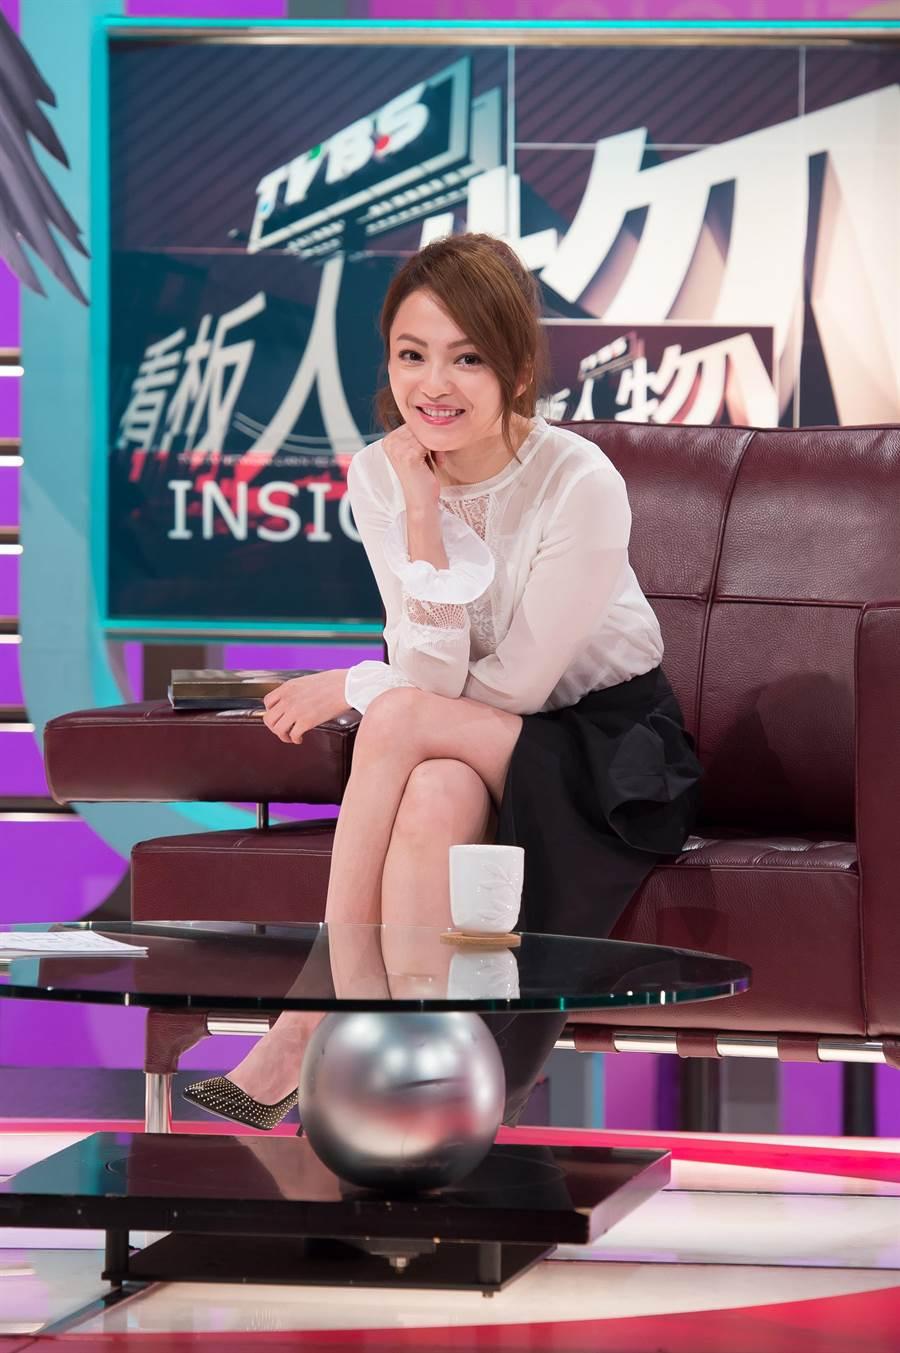 張韶涵上週甫結束小巨蛋演唱會,將首度電視專訪獻給《TVBS看板人物》。(圖片提供:TVBS)